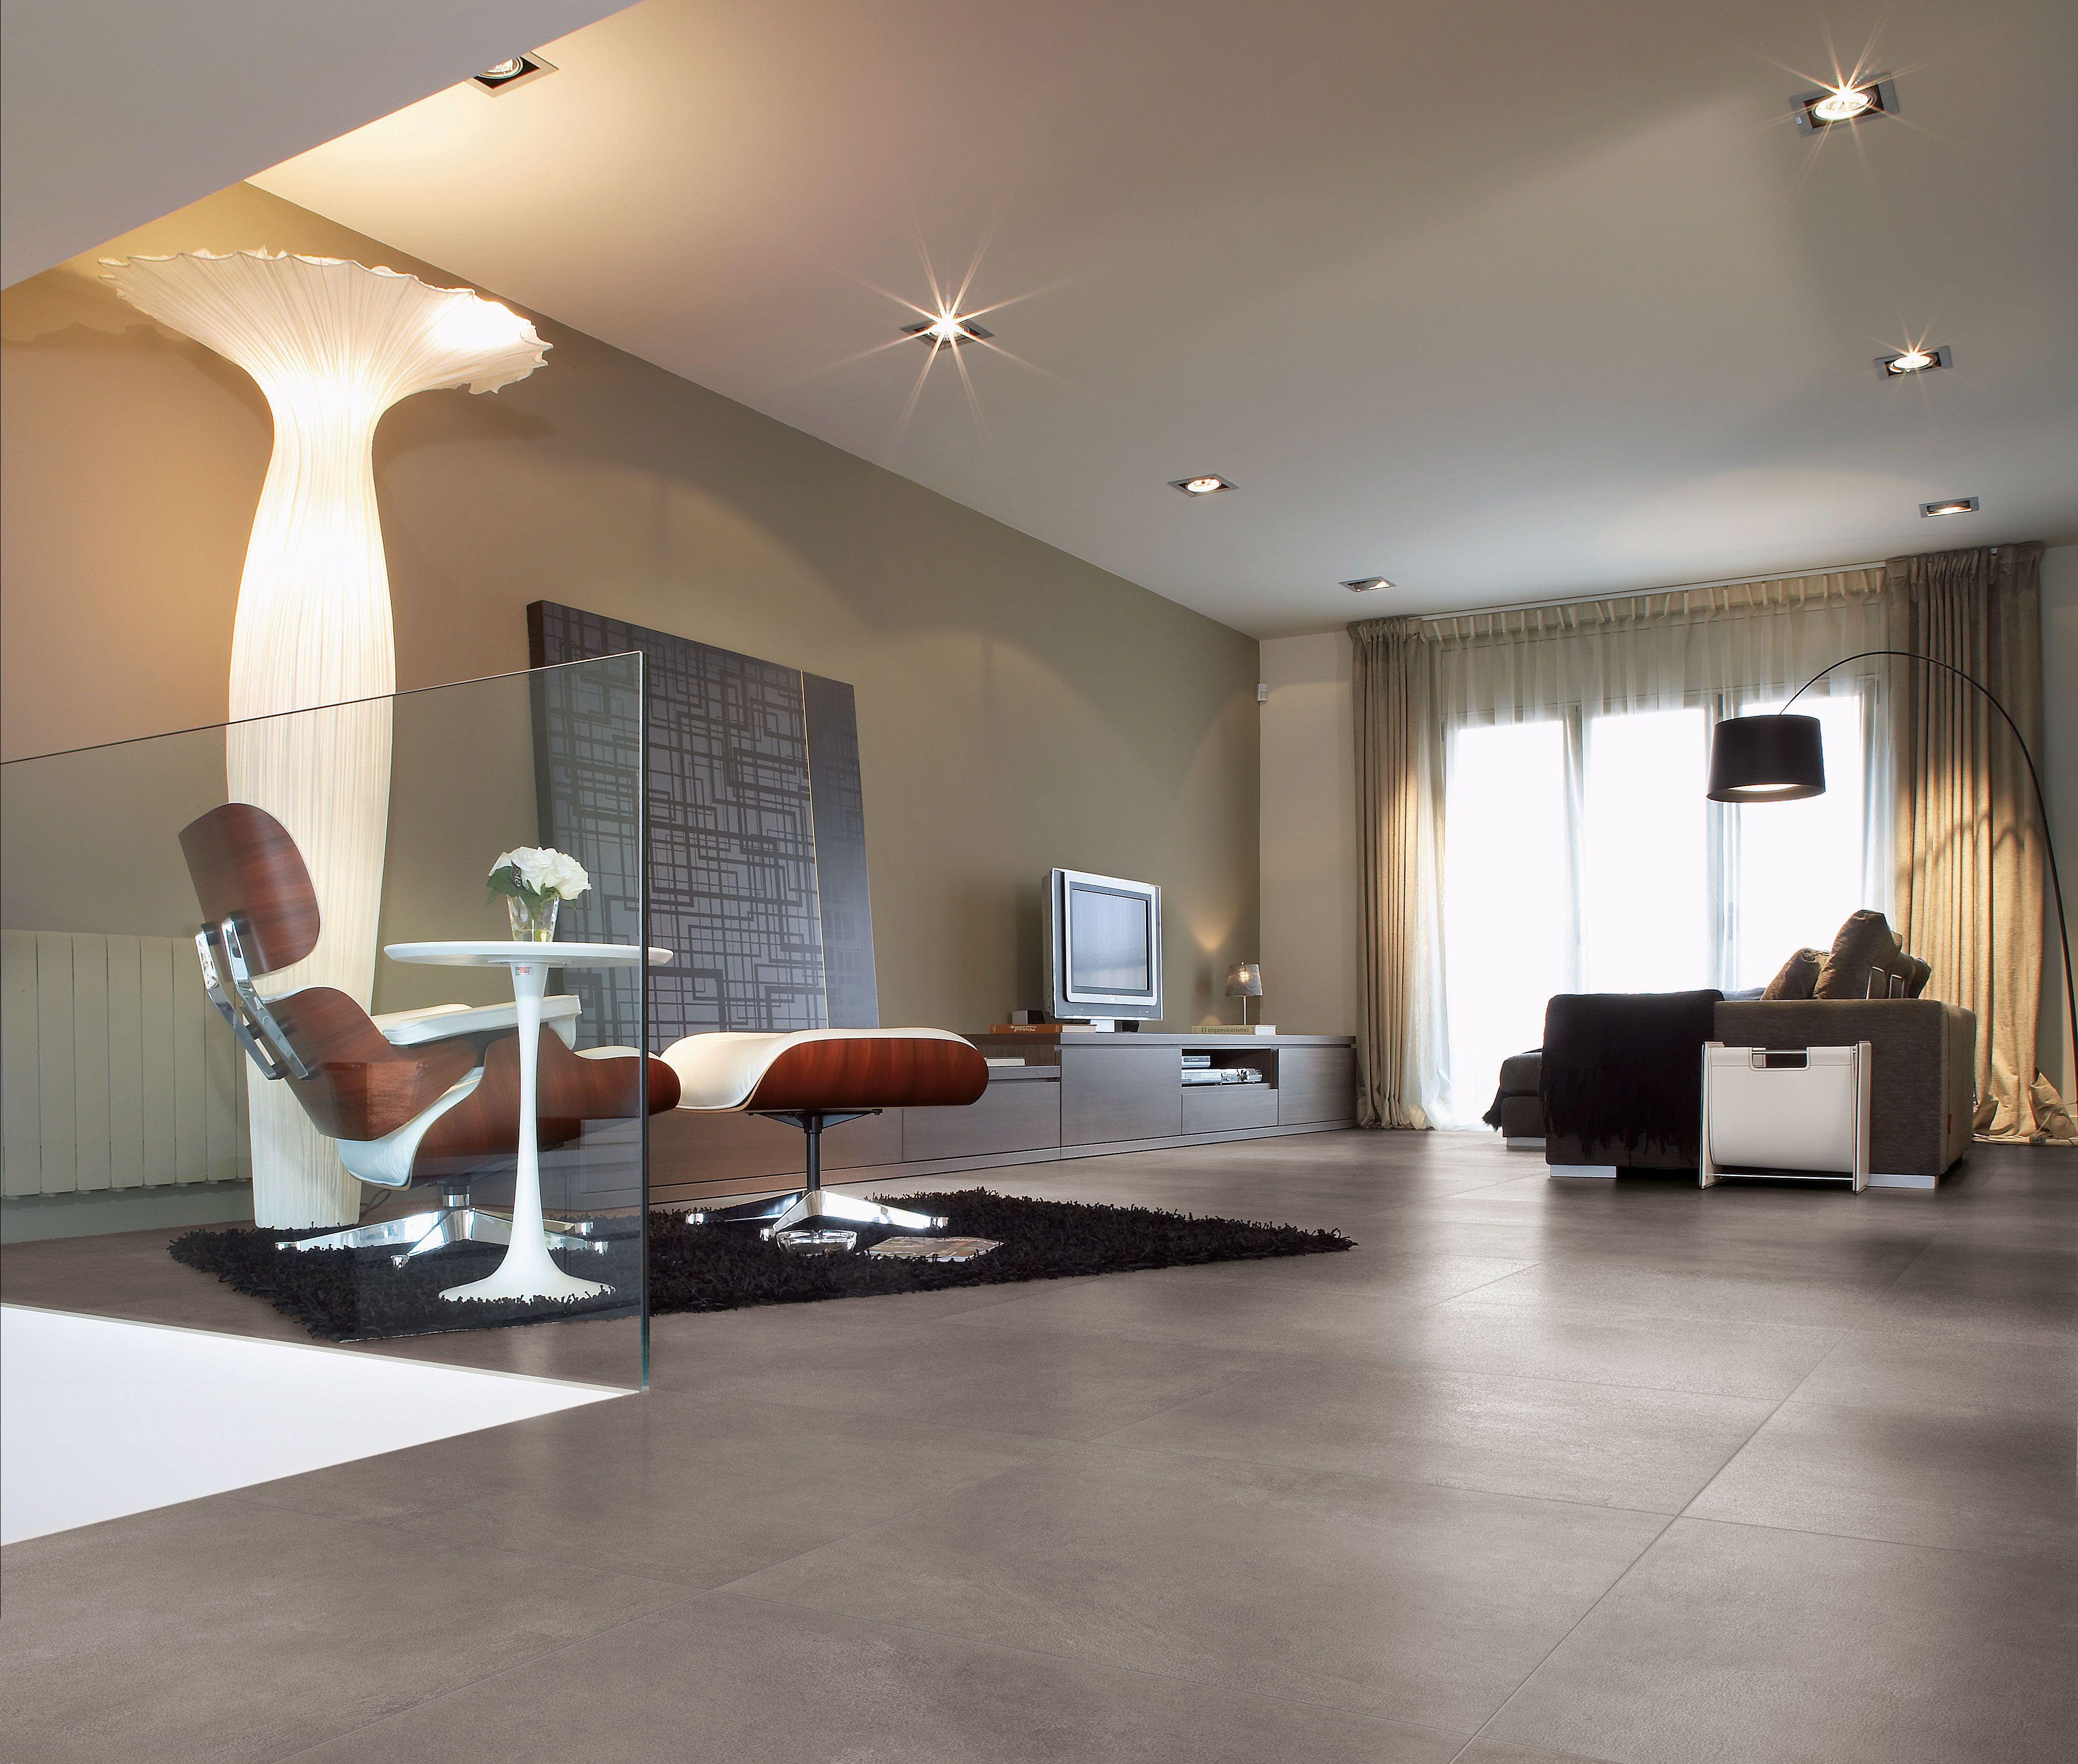 Carrelage Sol Interieur Renovation carrelage aspect béton sol intérieur genesis loft | vm